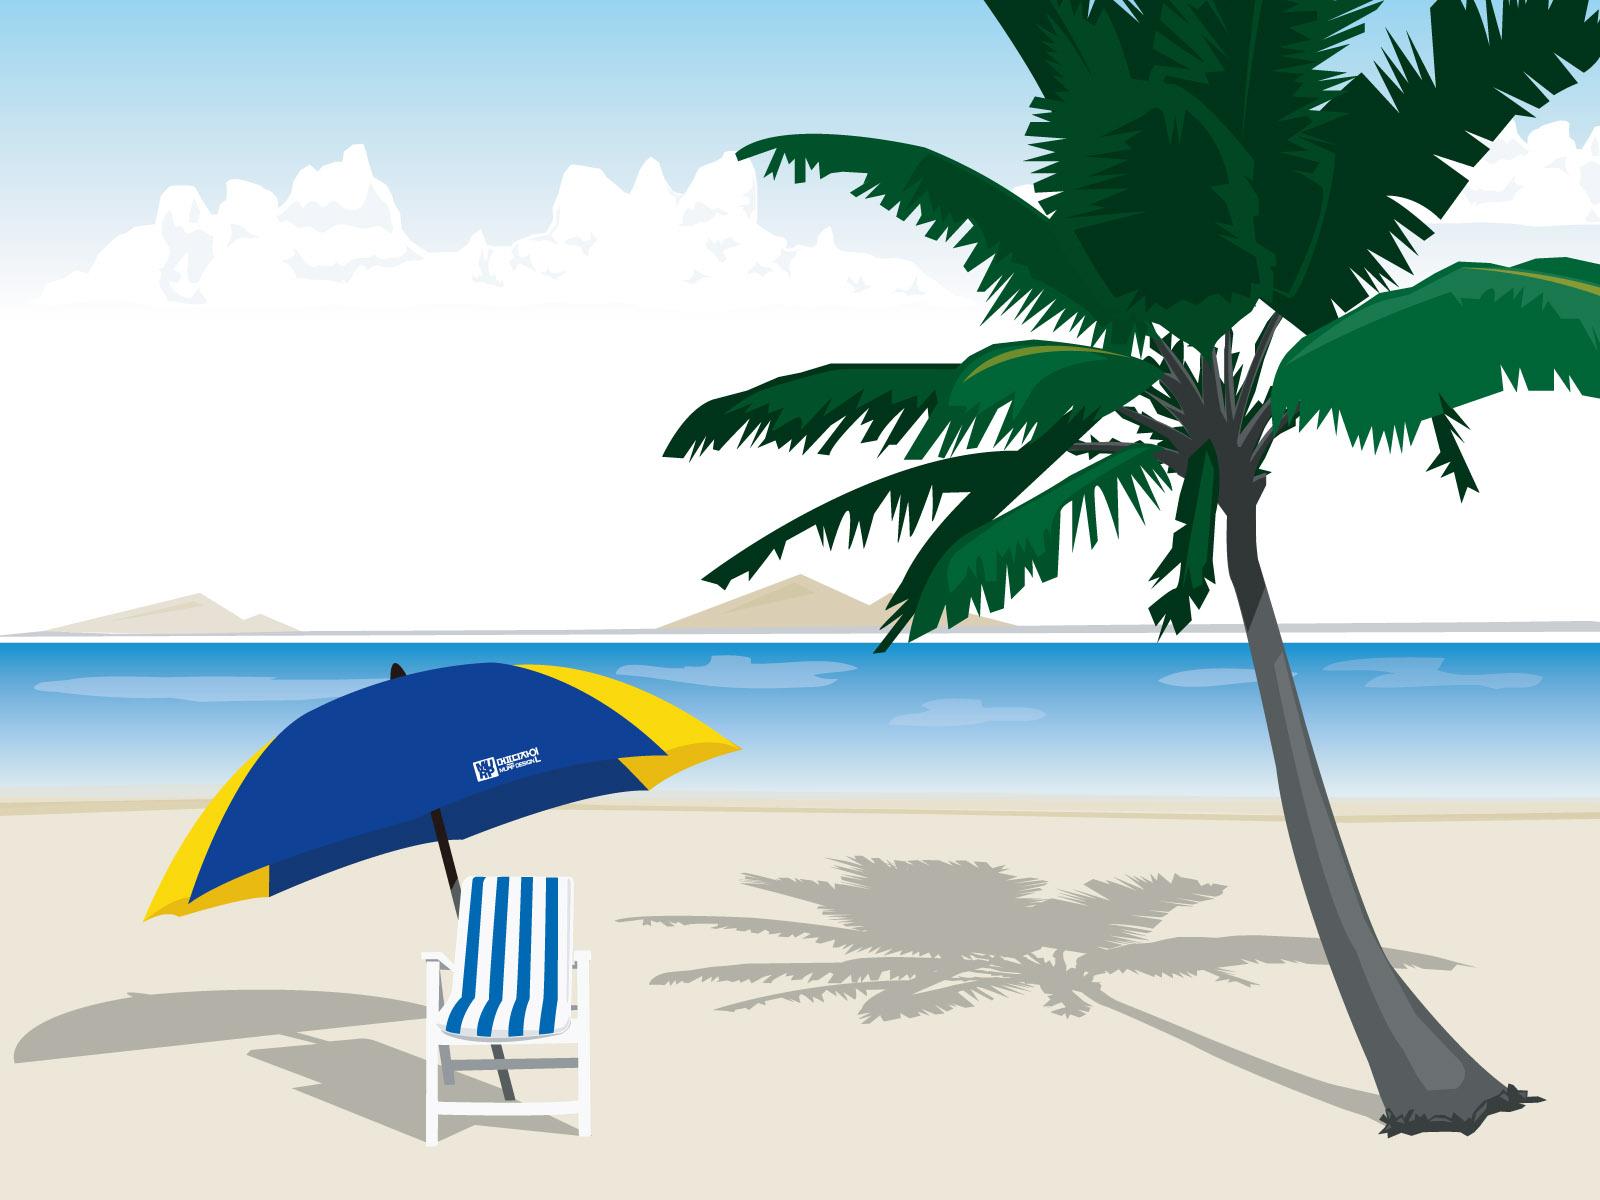 壁纸1600×1200矢量夏日海滩 1 13壁纸 矢量风光 矢量夏日海滩 第一辑壁纸图片矢量壁纸矢量图片素材桌面壁纸